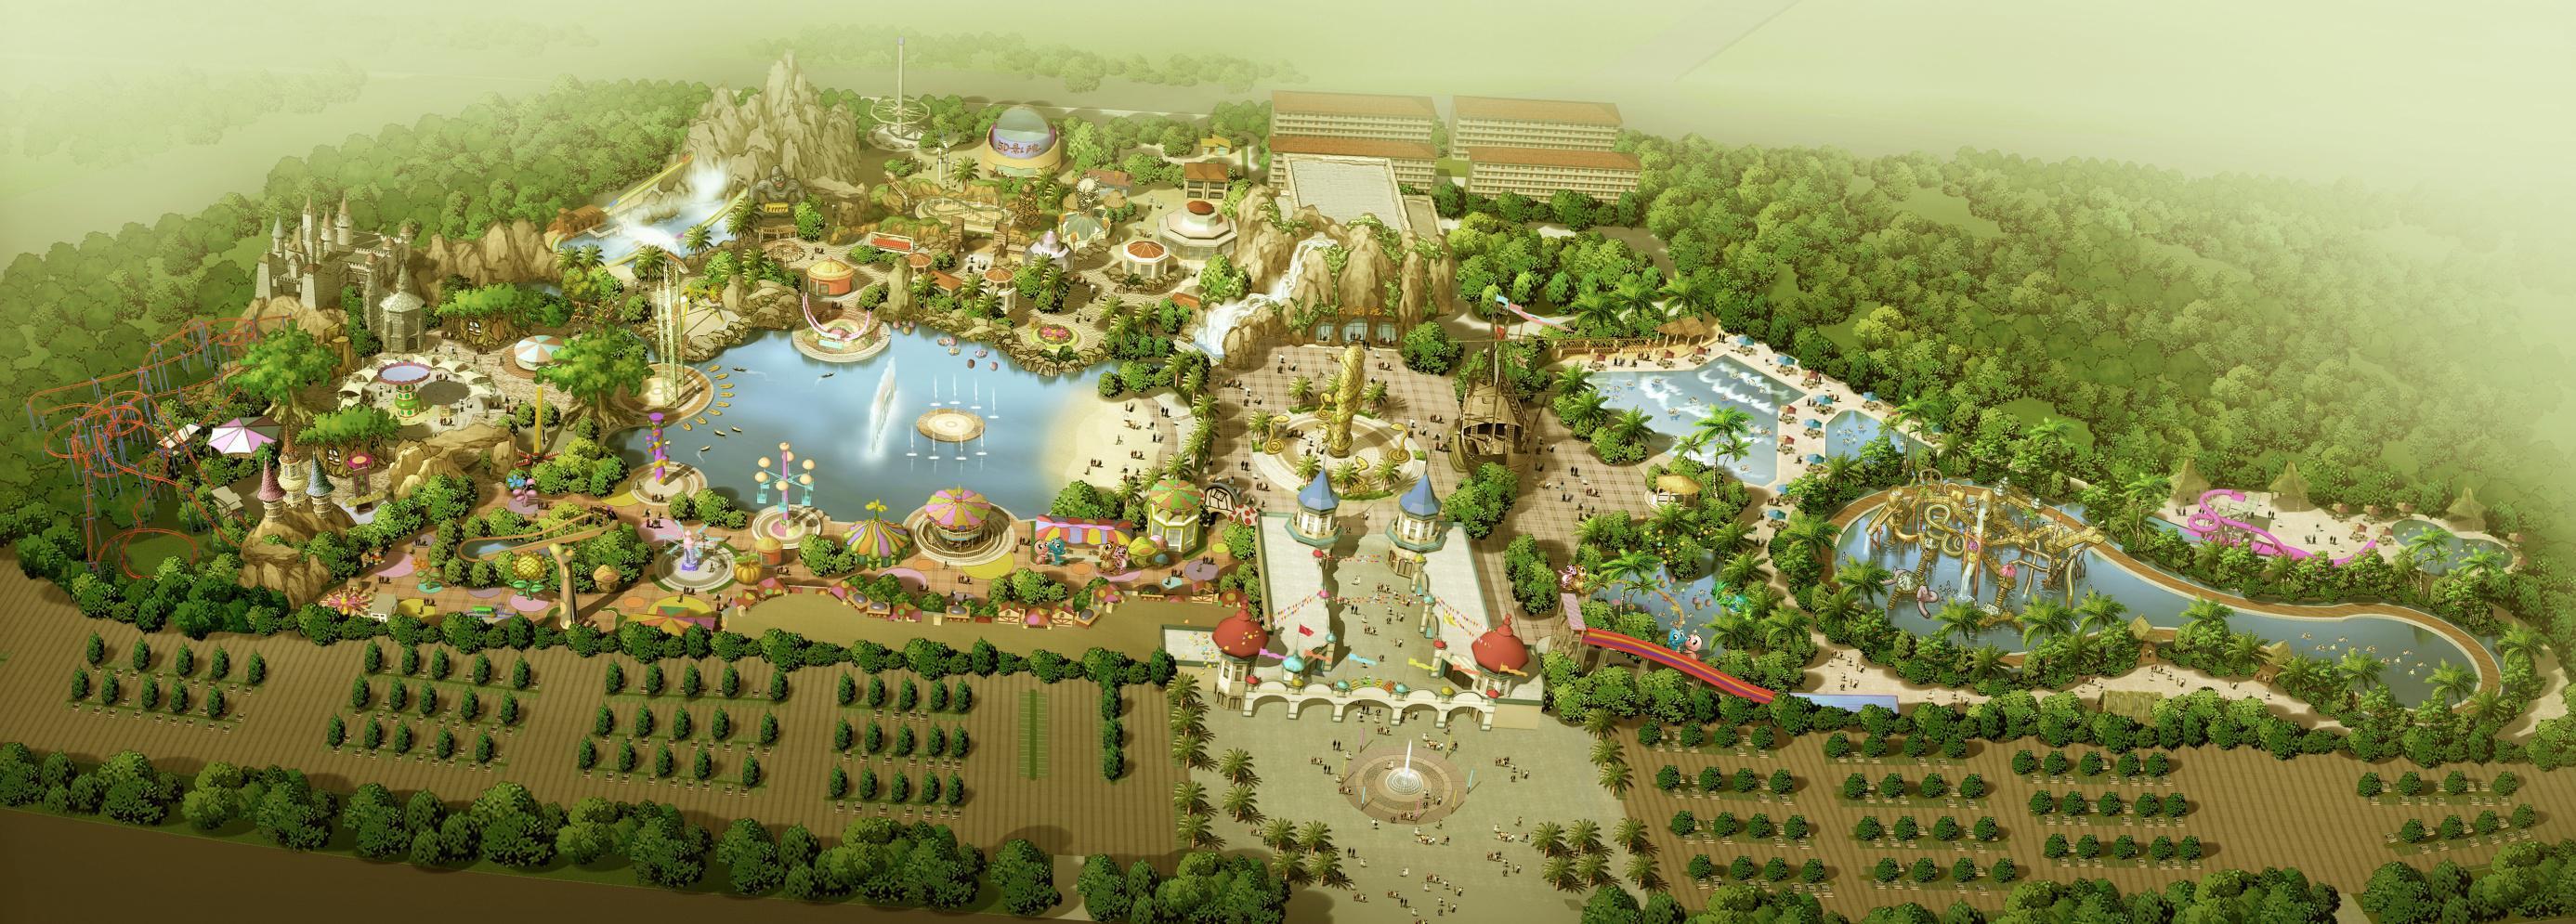 十大旅游策划深圳创艺园|主题公园|景观设计施工运营一站式服务